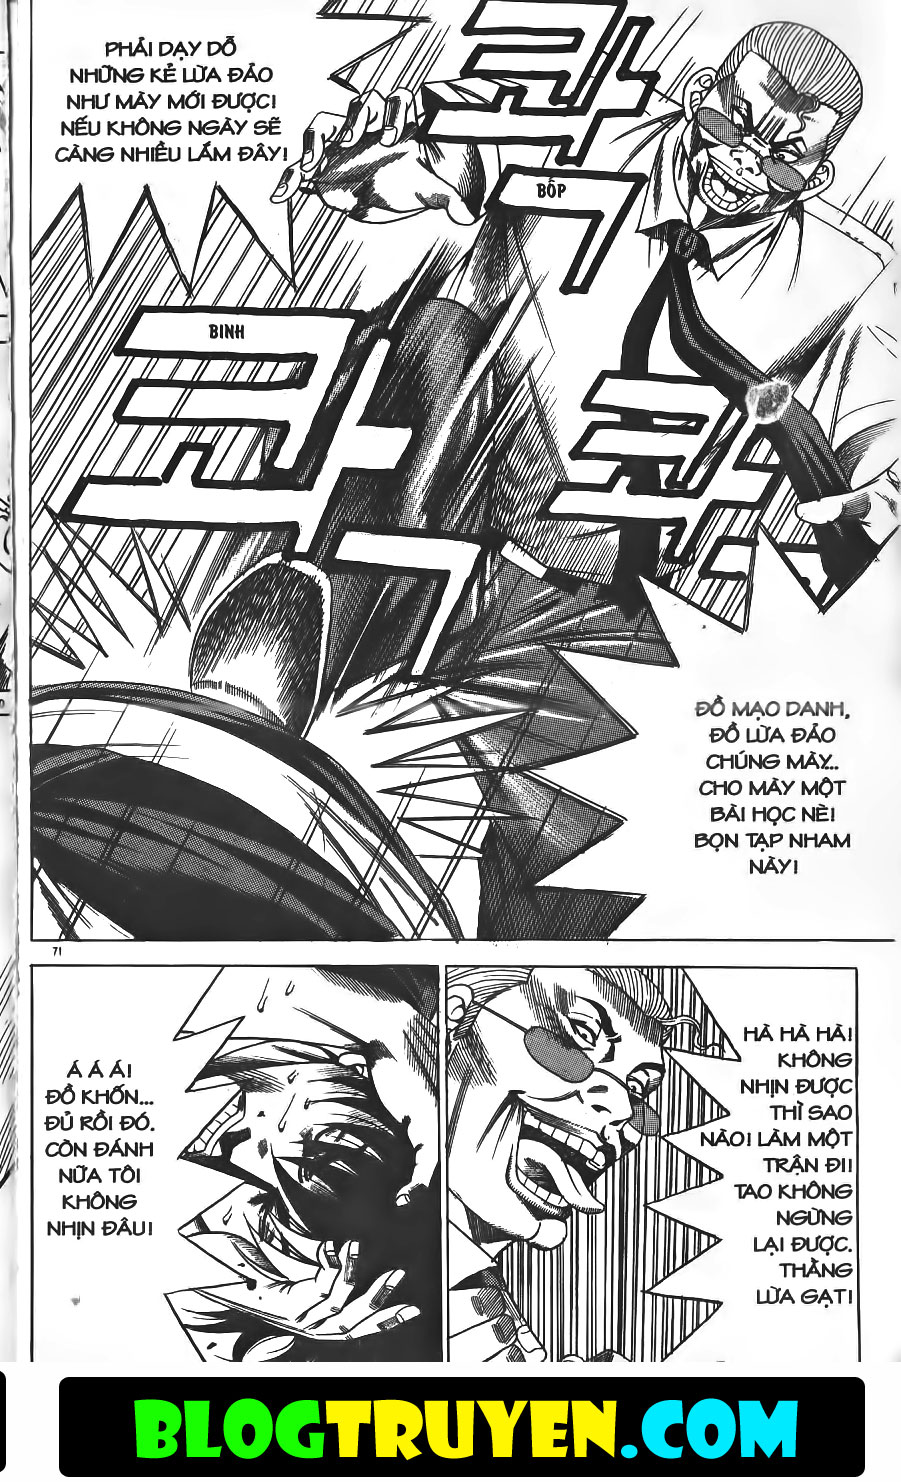 Bitagi - Anh chàng ngổ ngáo chap 150 trang 23